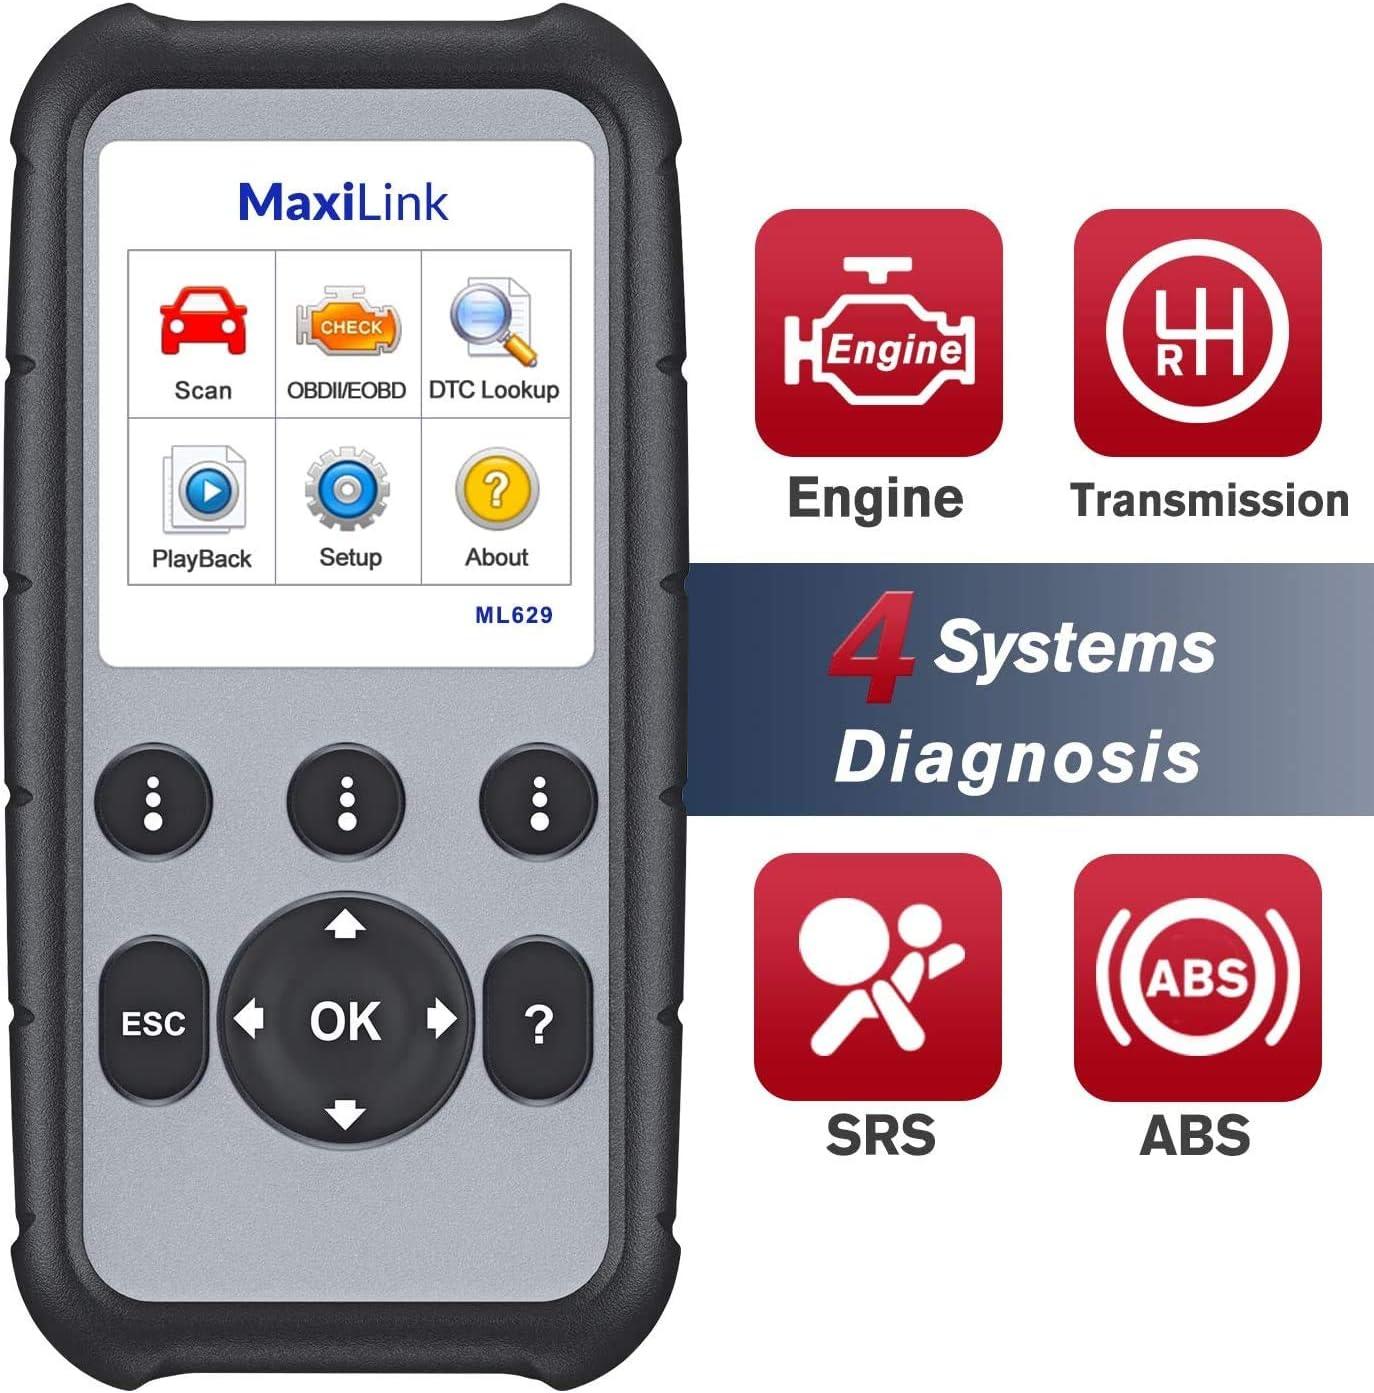 Autel MaxiLink ML629 Lector de Código de Coche Escáner OBD2 + ABS/SRS/Motor/Transmisión Herramienta de diagnóstico,Versión actualizada de ML619/AL619